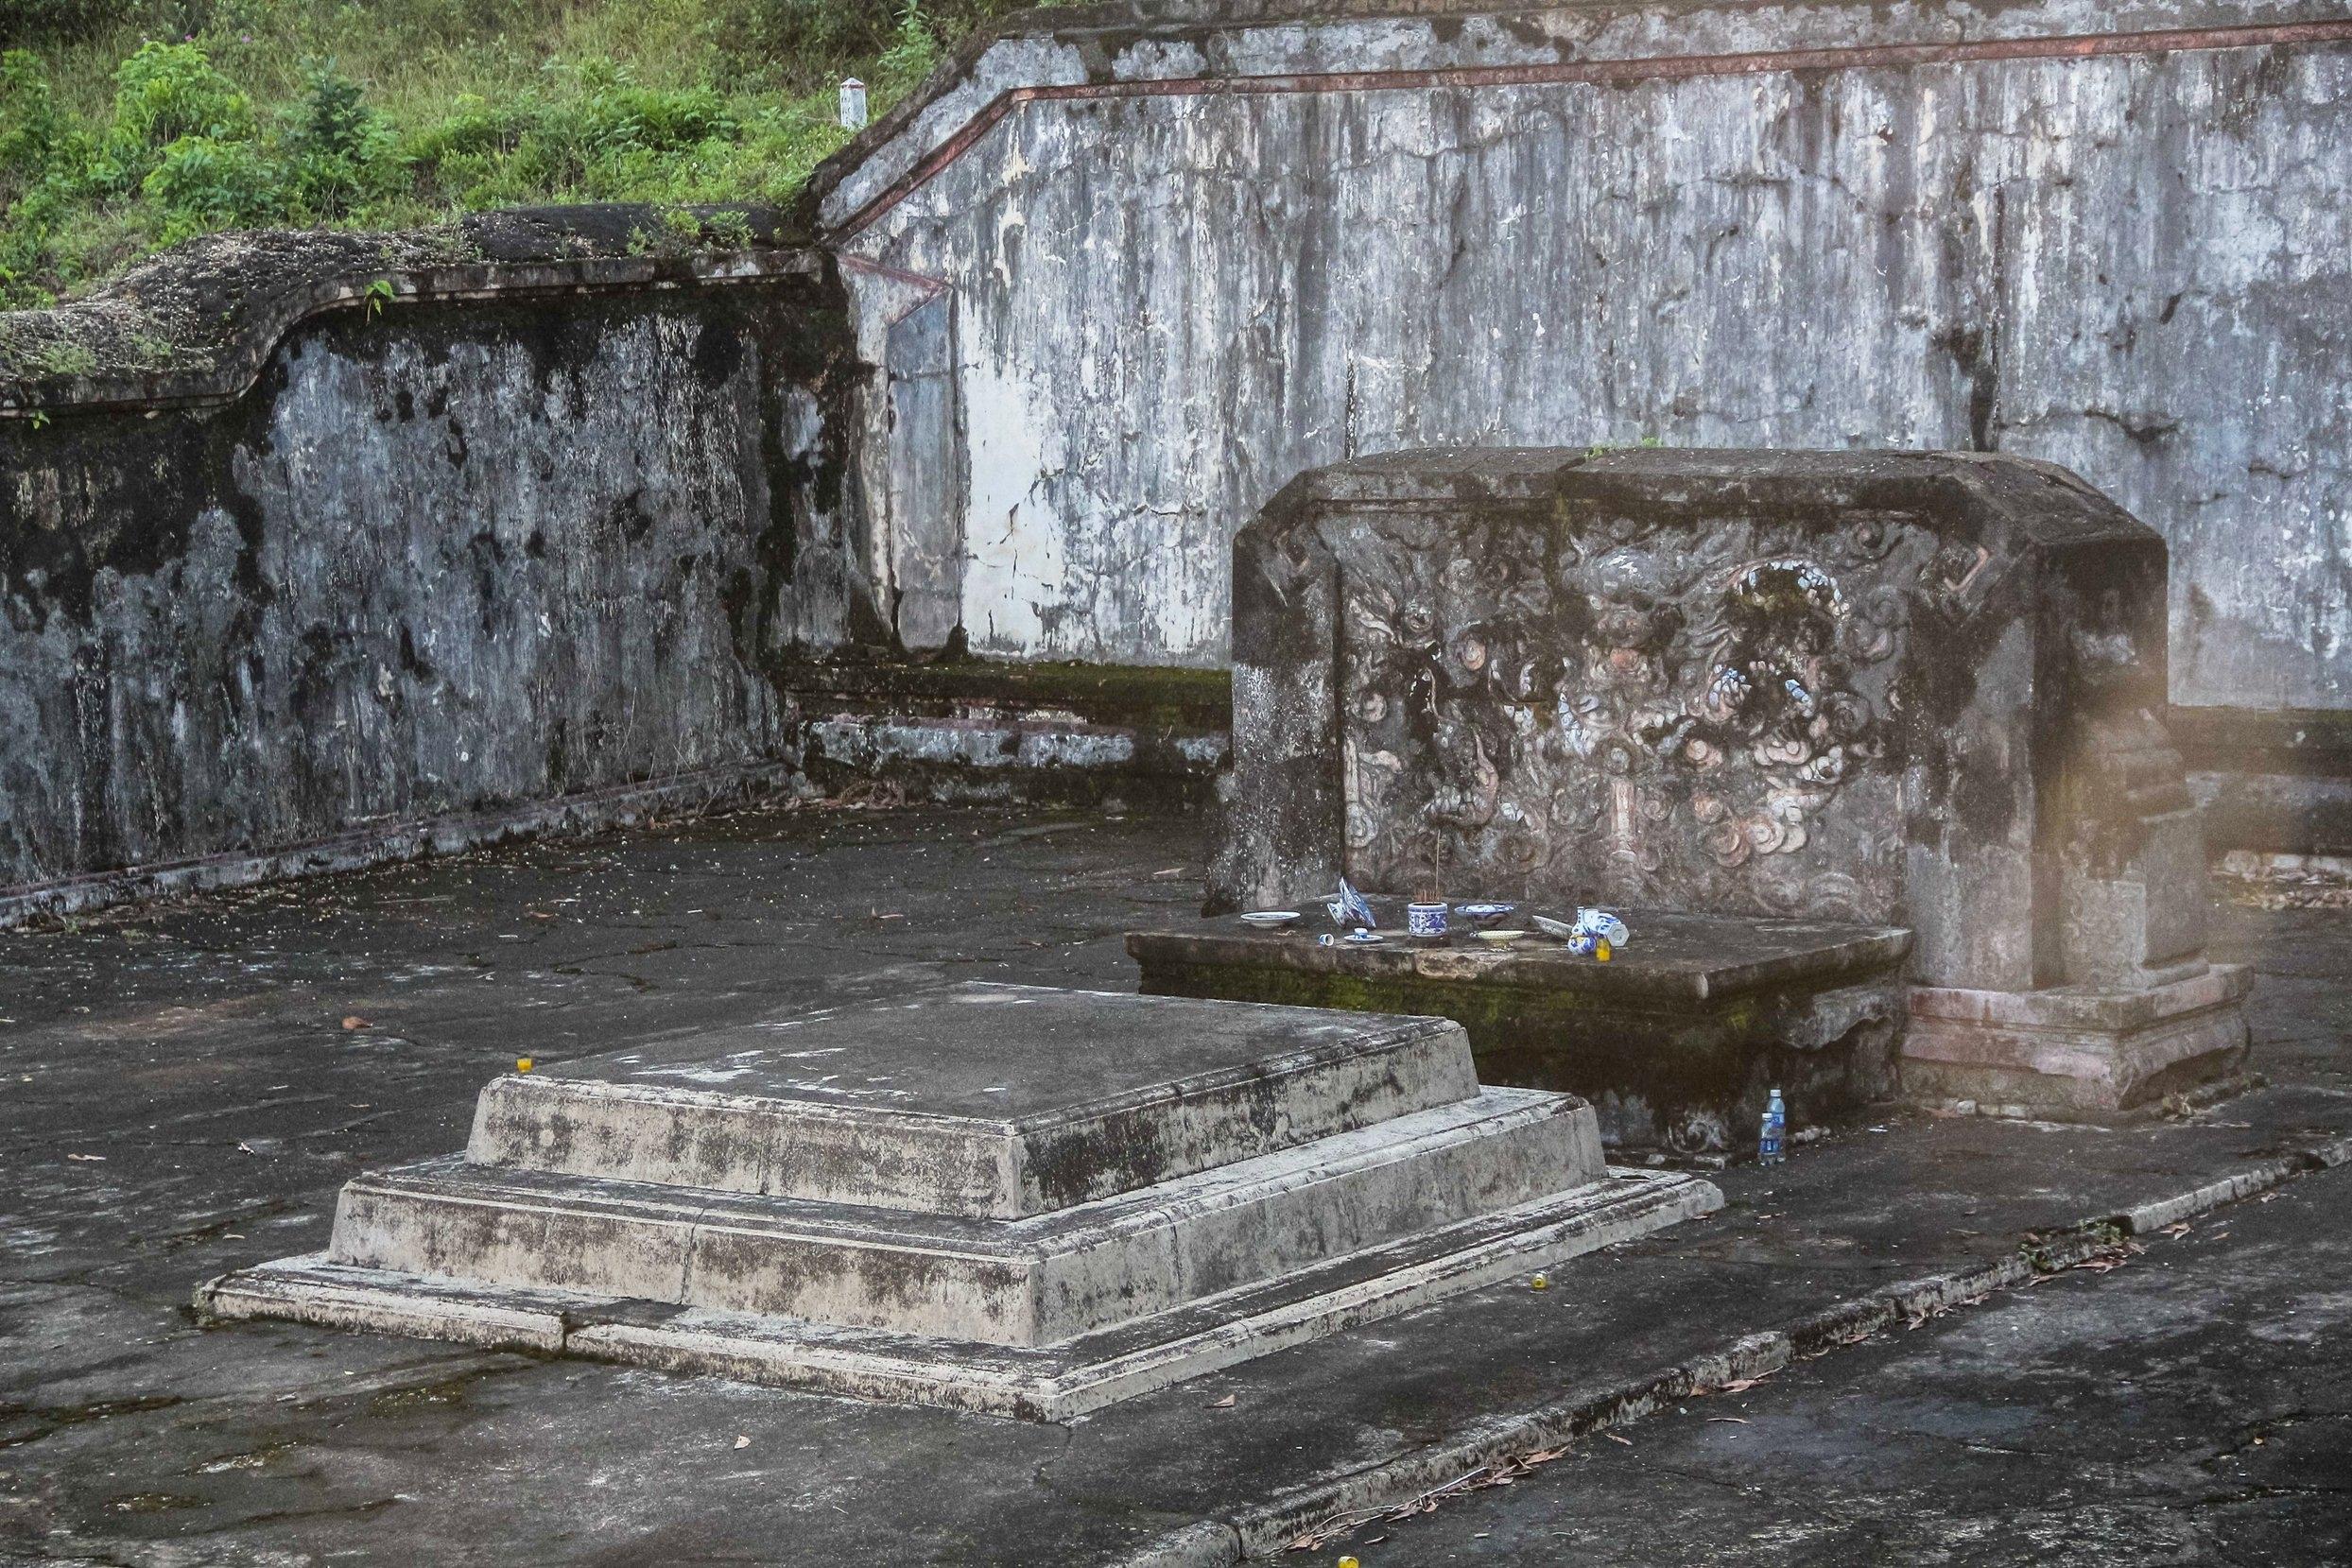 Nơi mộ táng gồm có 3 bậc, dưới bóng một bức bình phong và có áng hương thờ cúng